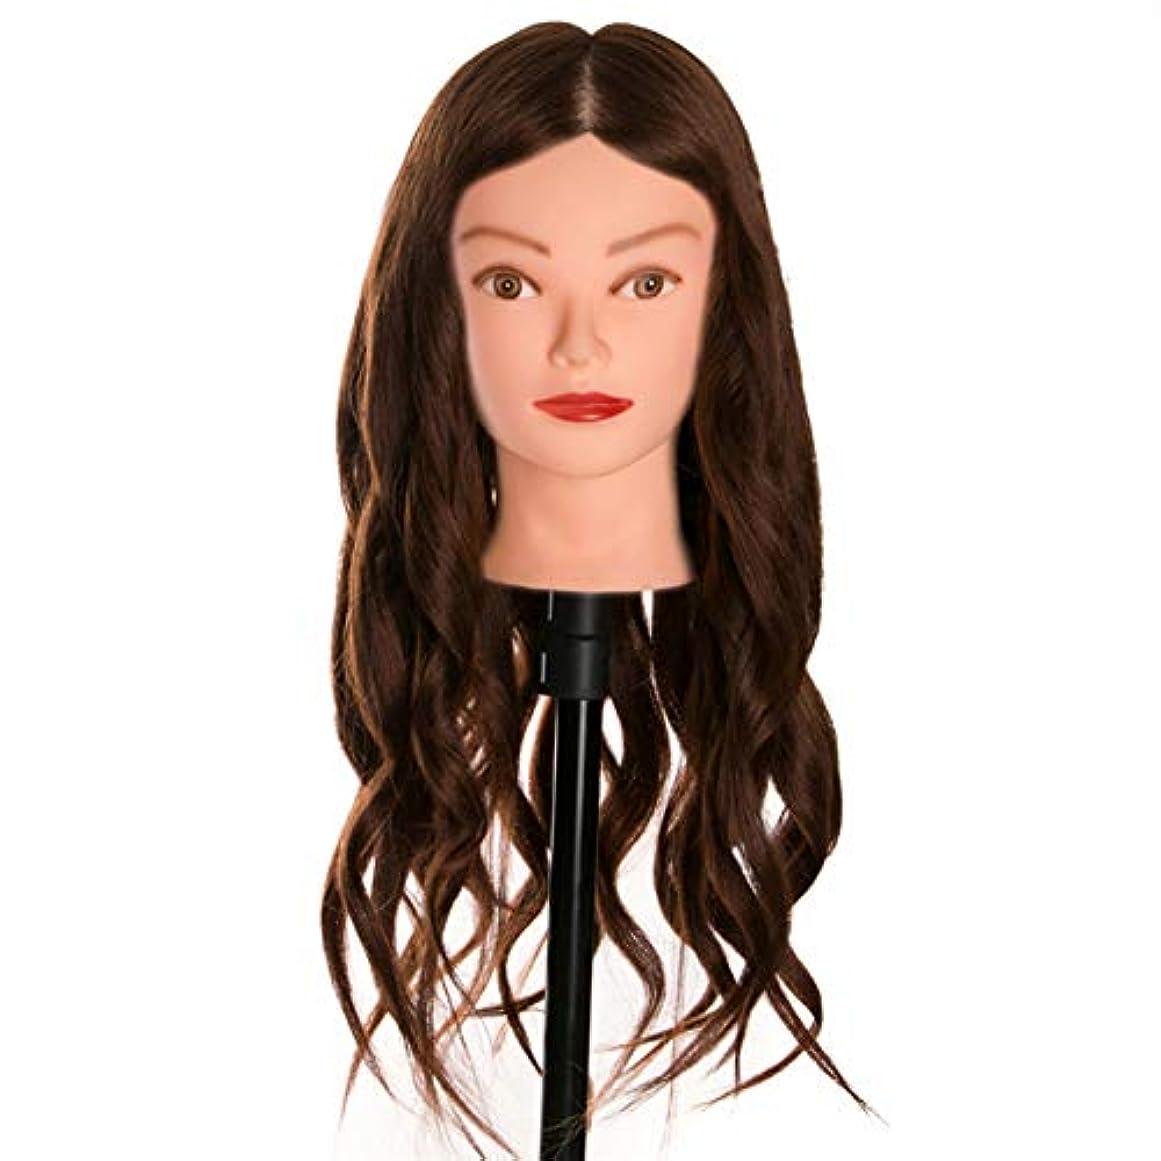 甘美な証拠同等の理髪サロンエクササイズヘッド金型メイクディスクヘアスタイリング編み教育ダミーヘッドヘアカットトレーニングかつら金型3個